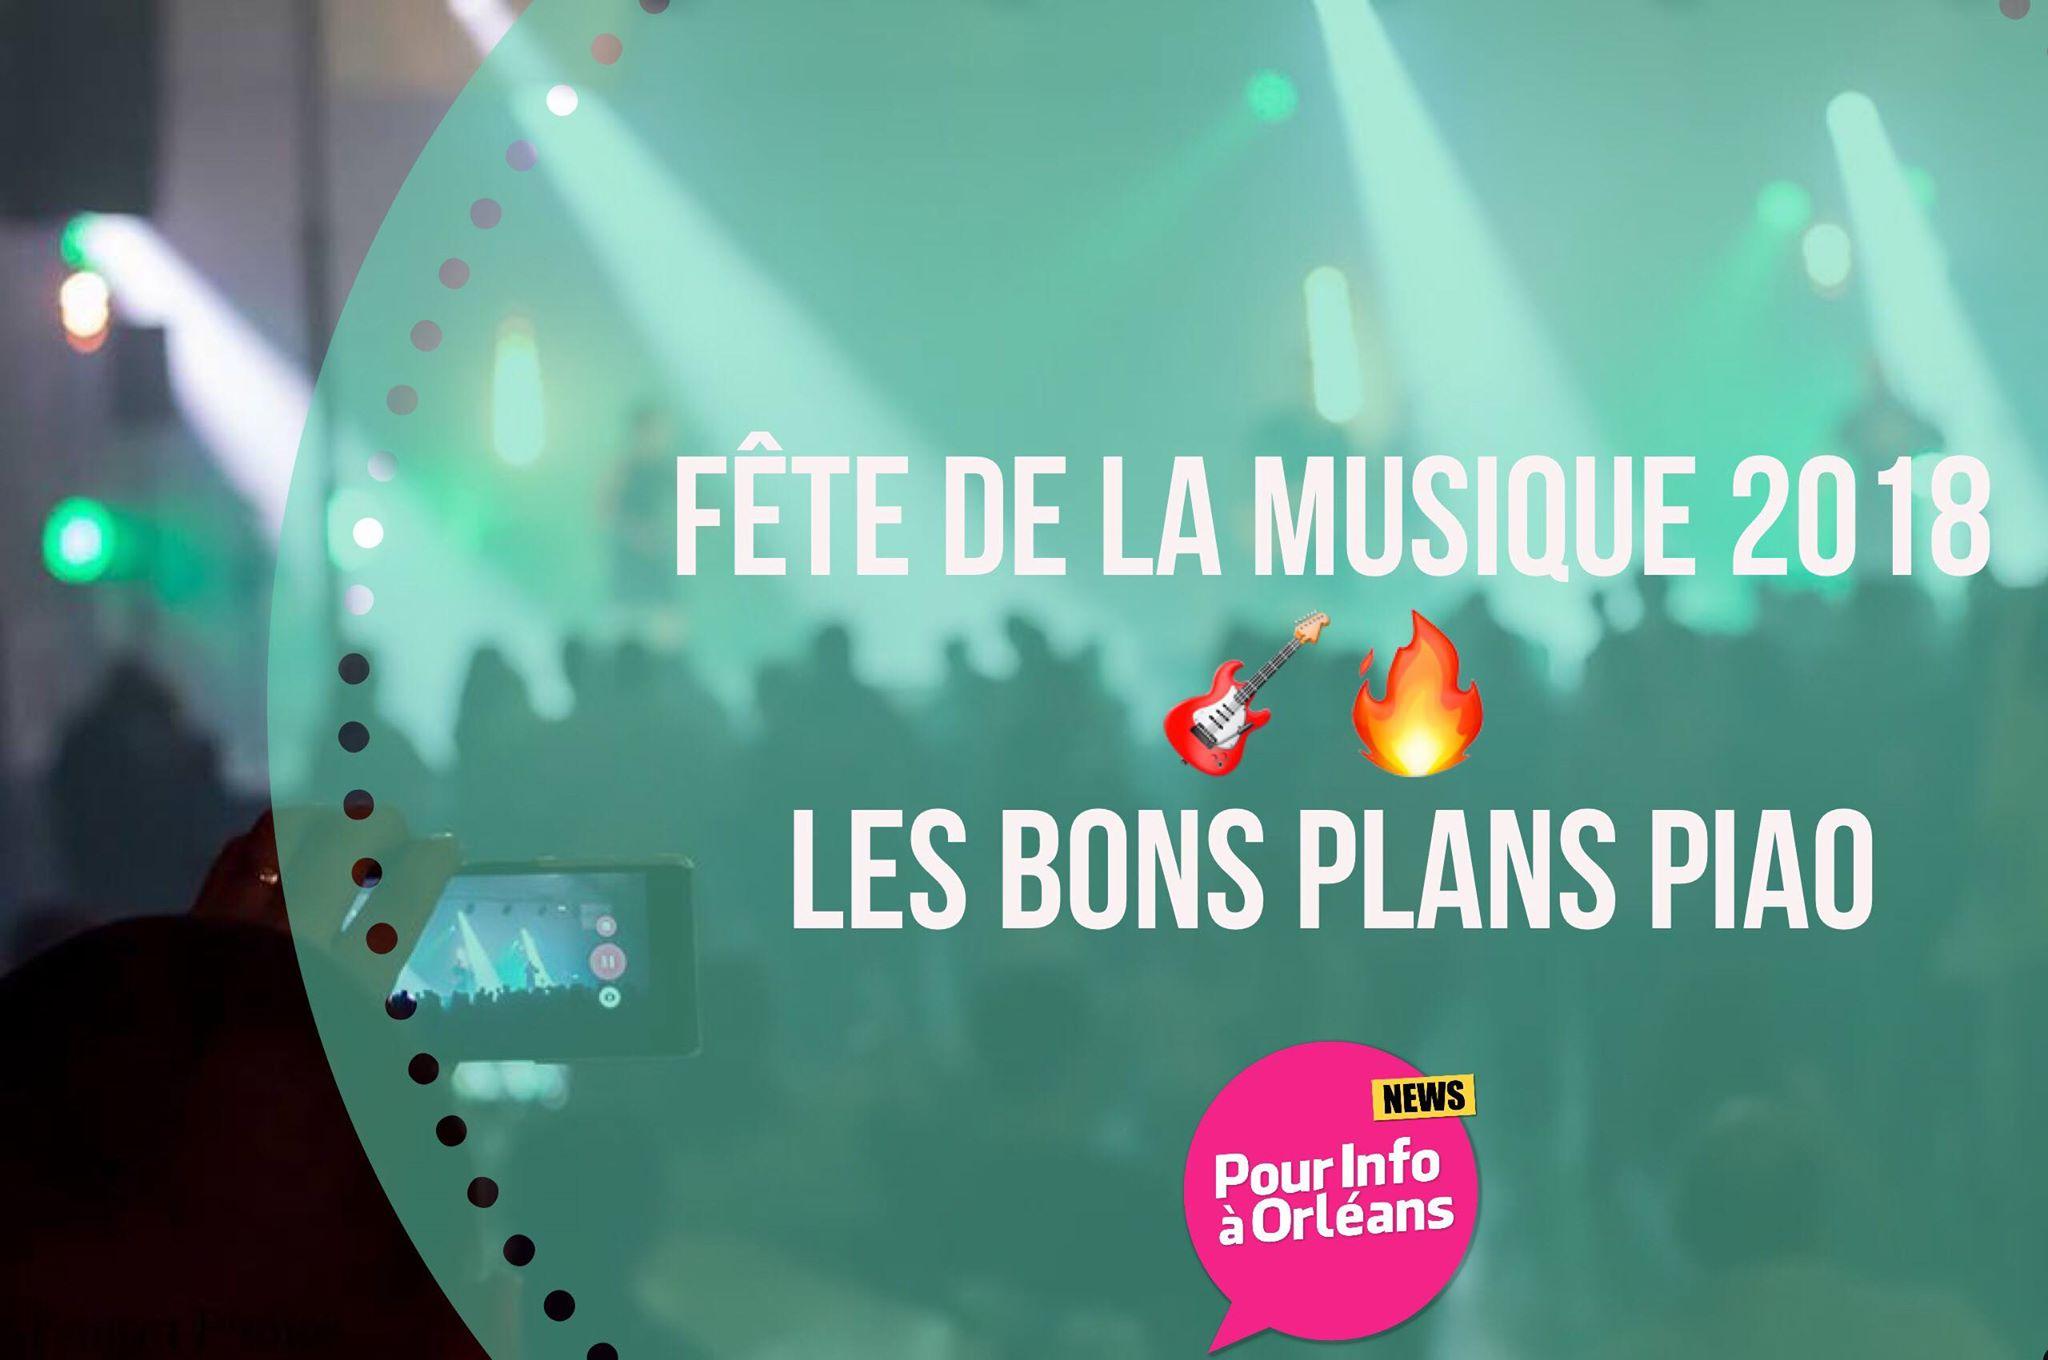 Fête de la Musique 2018 : Les bons plans PIAO 1